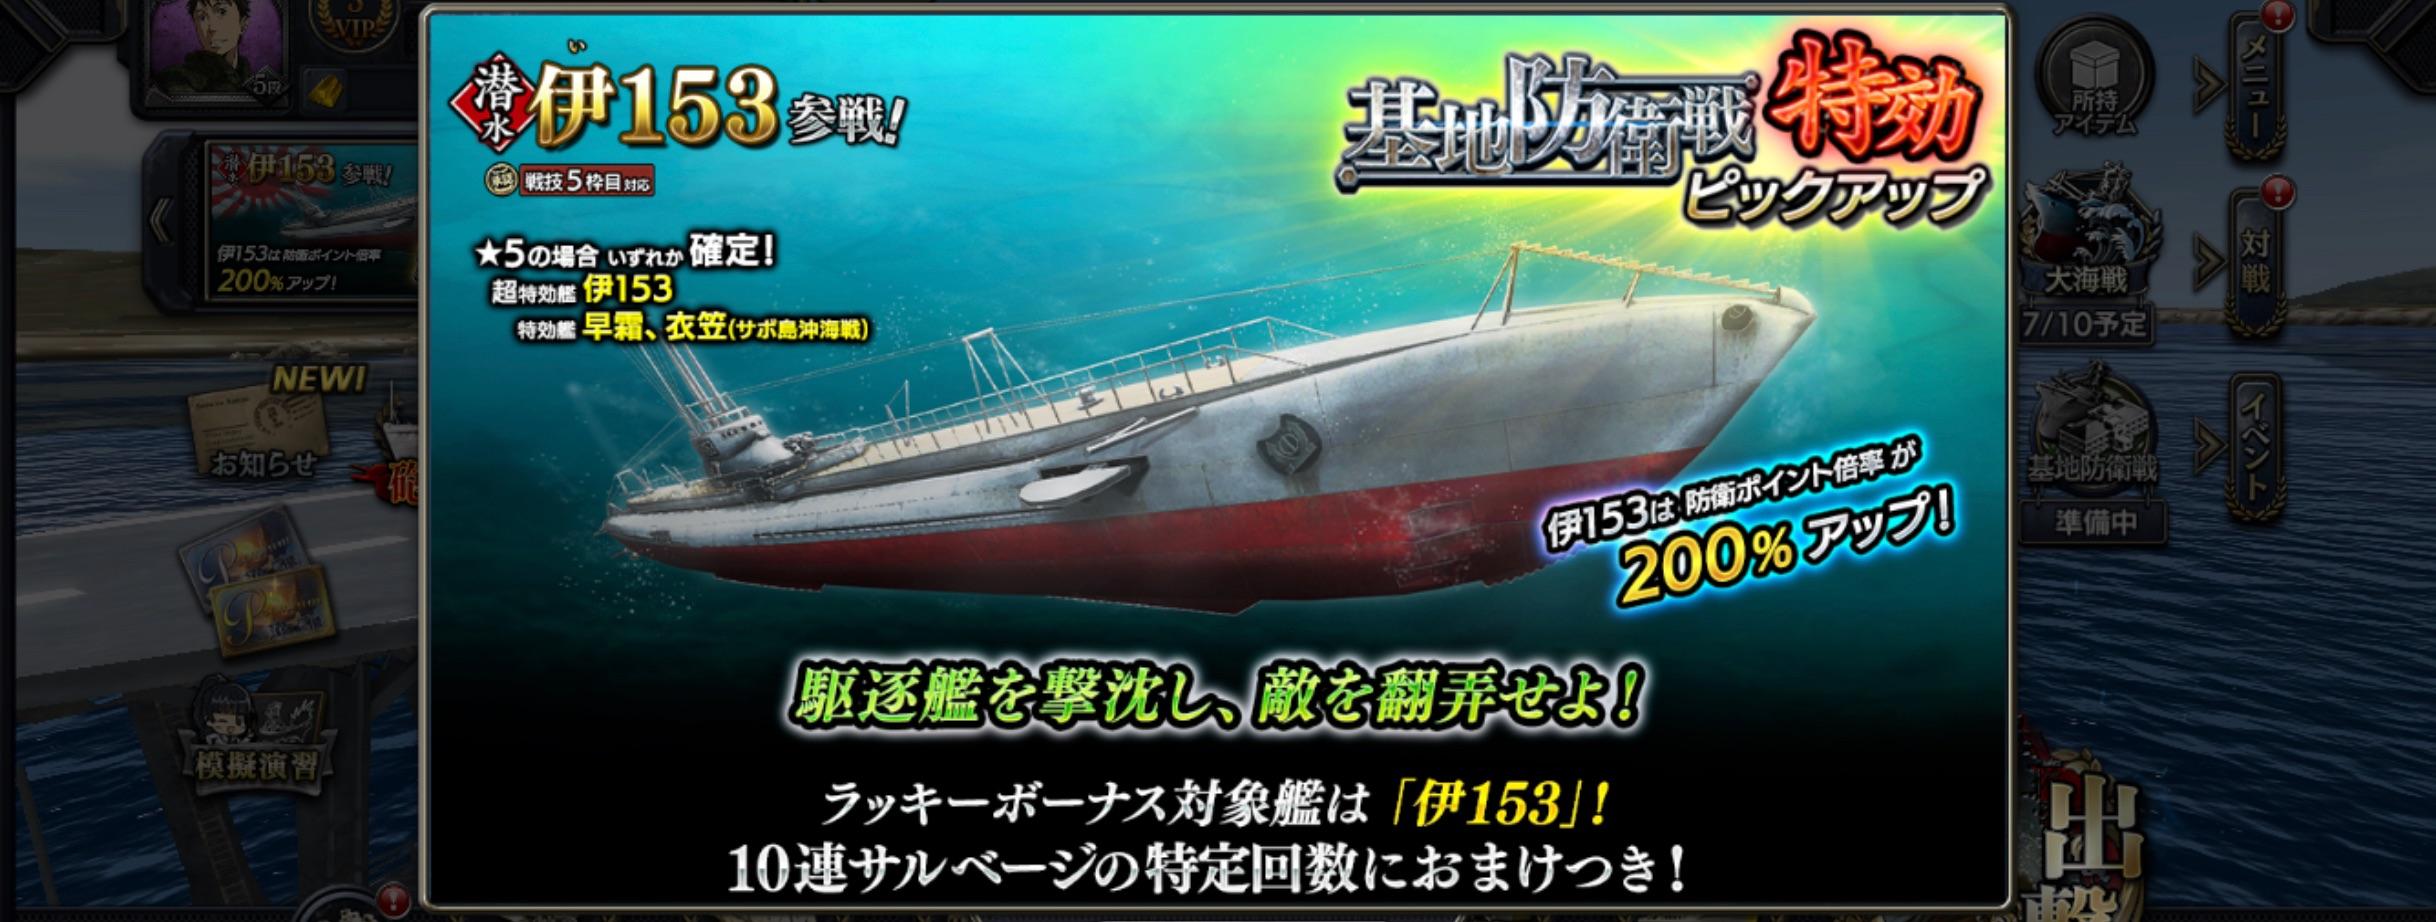 submarine-i153